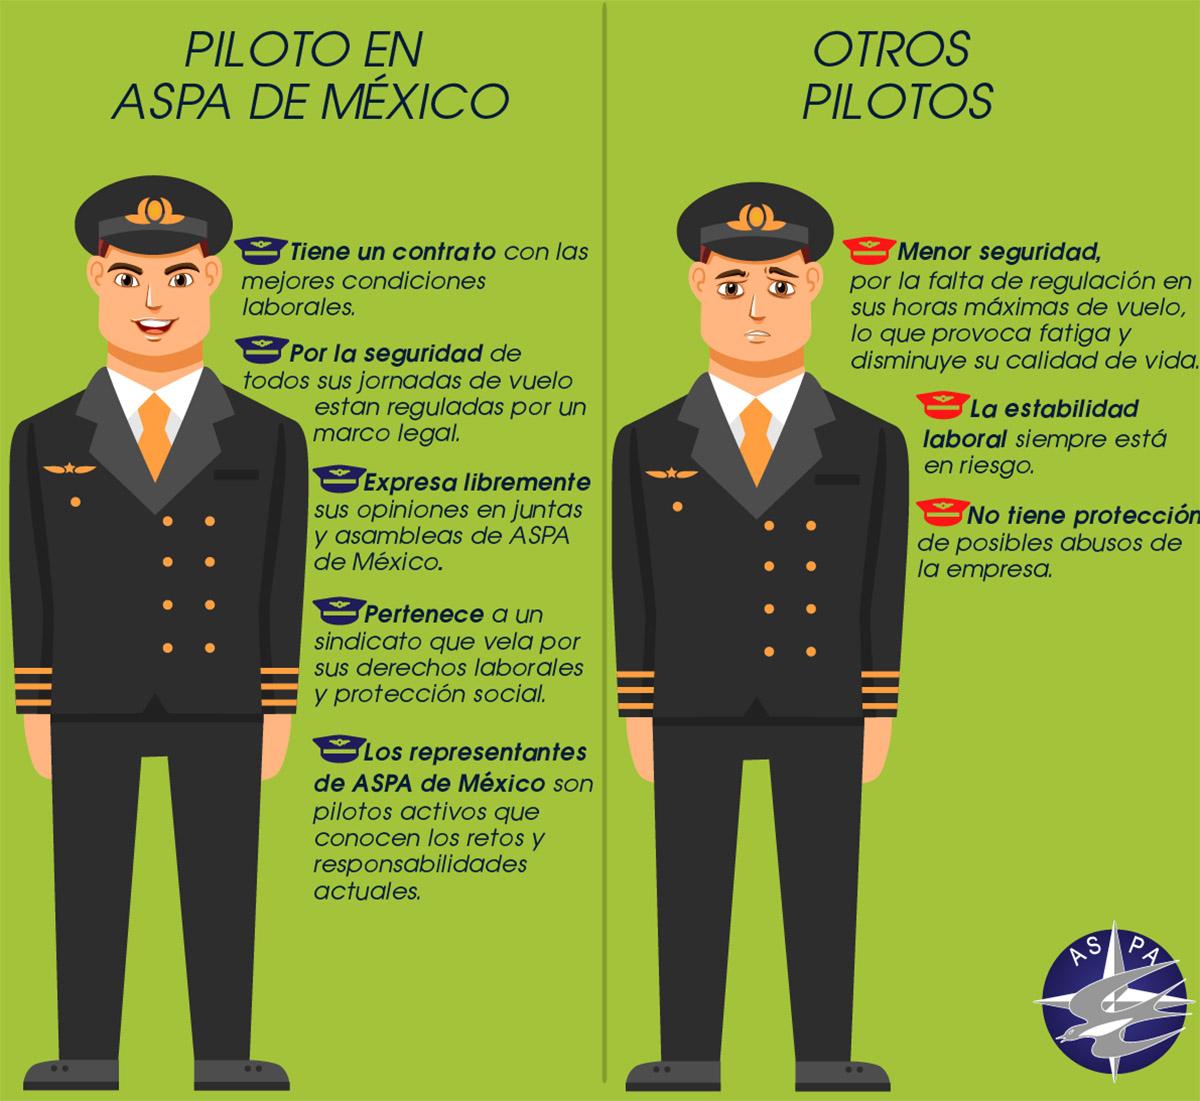 PILOTOS AEROLÍNEAS LOW COST TERRORISMO ASPA 02